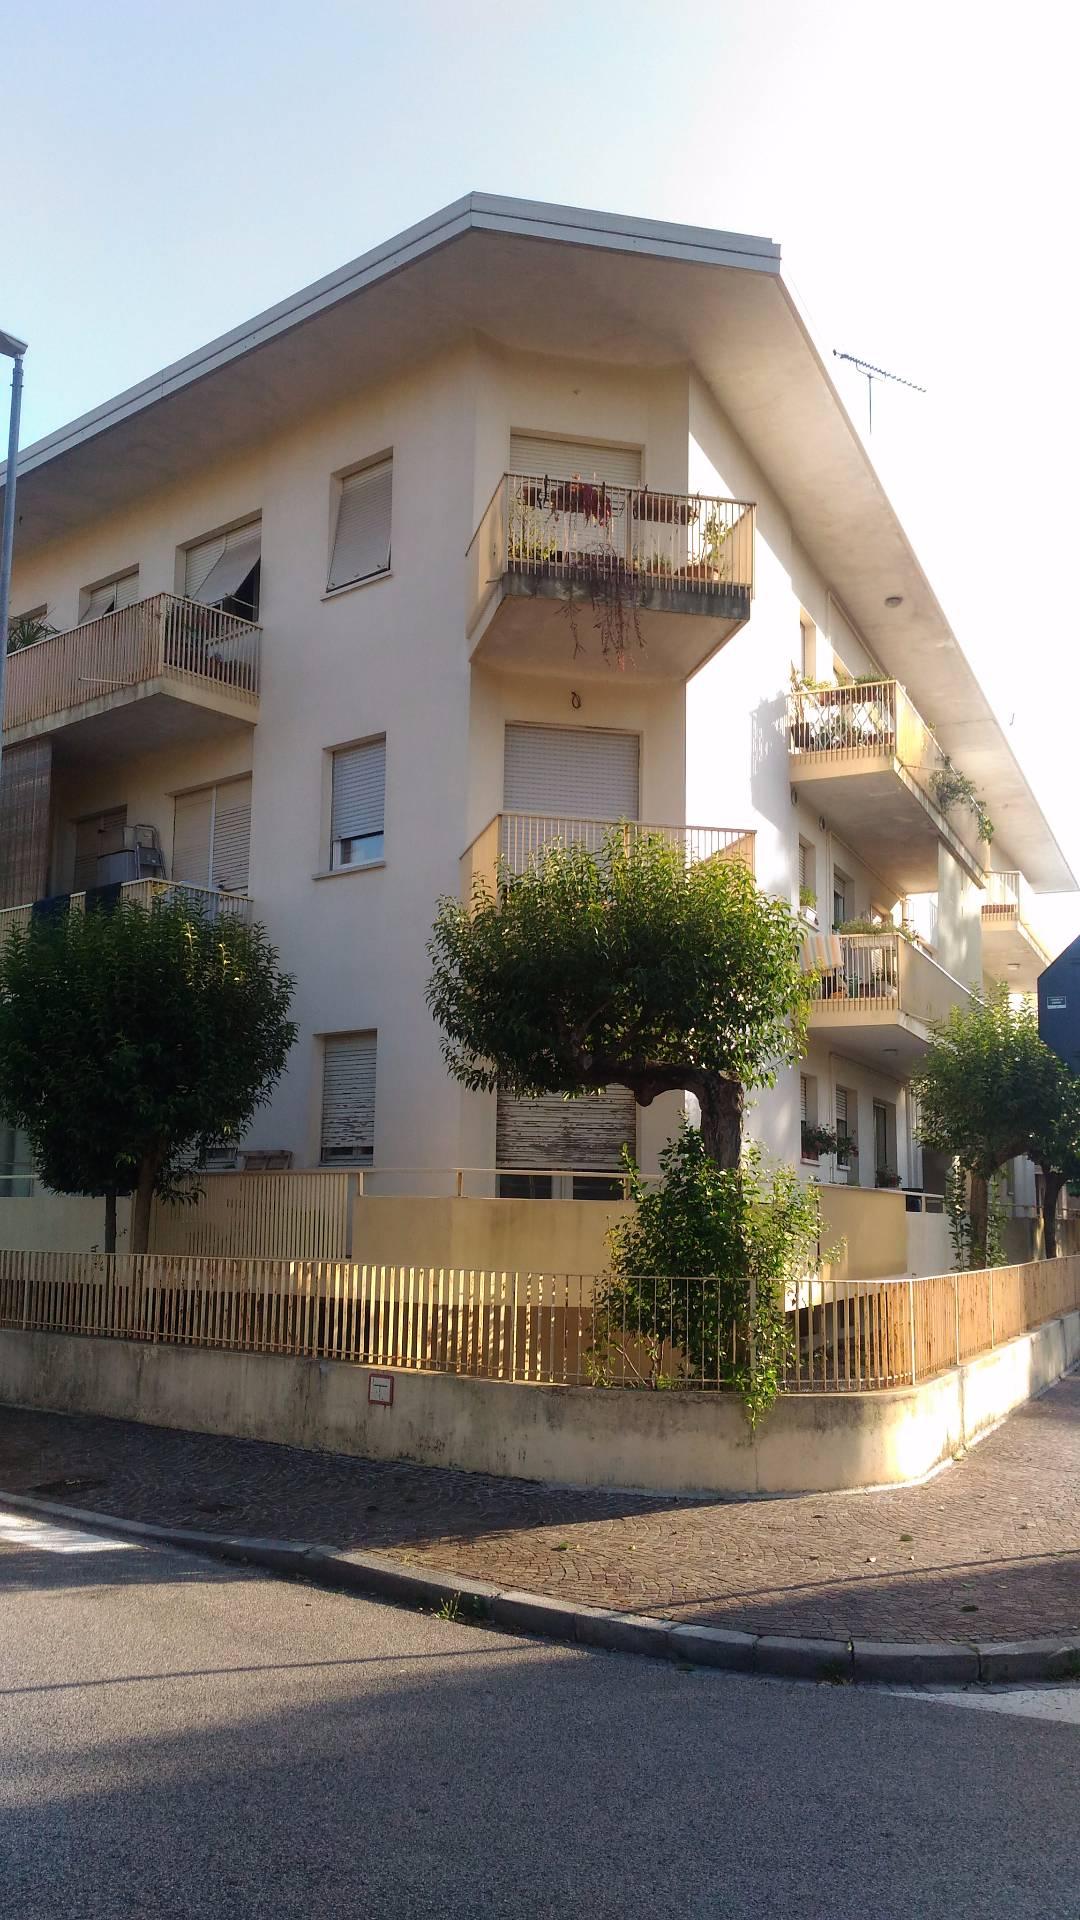 Appartamento in affitto a Udine, 5 locali, prezzo € 500 | CambioCasa.it